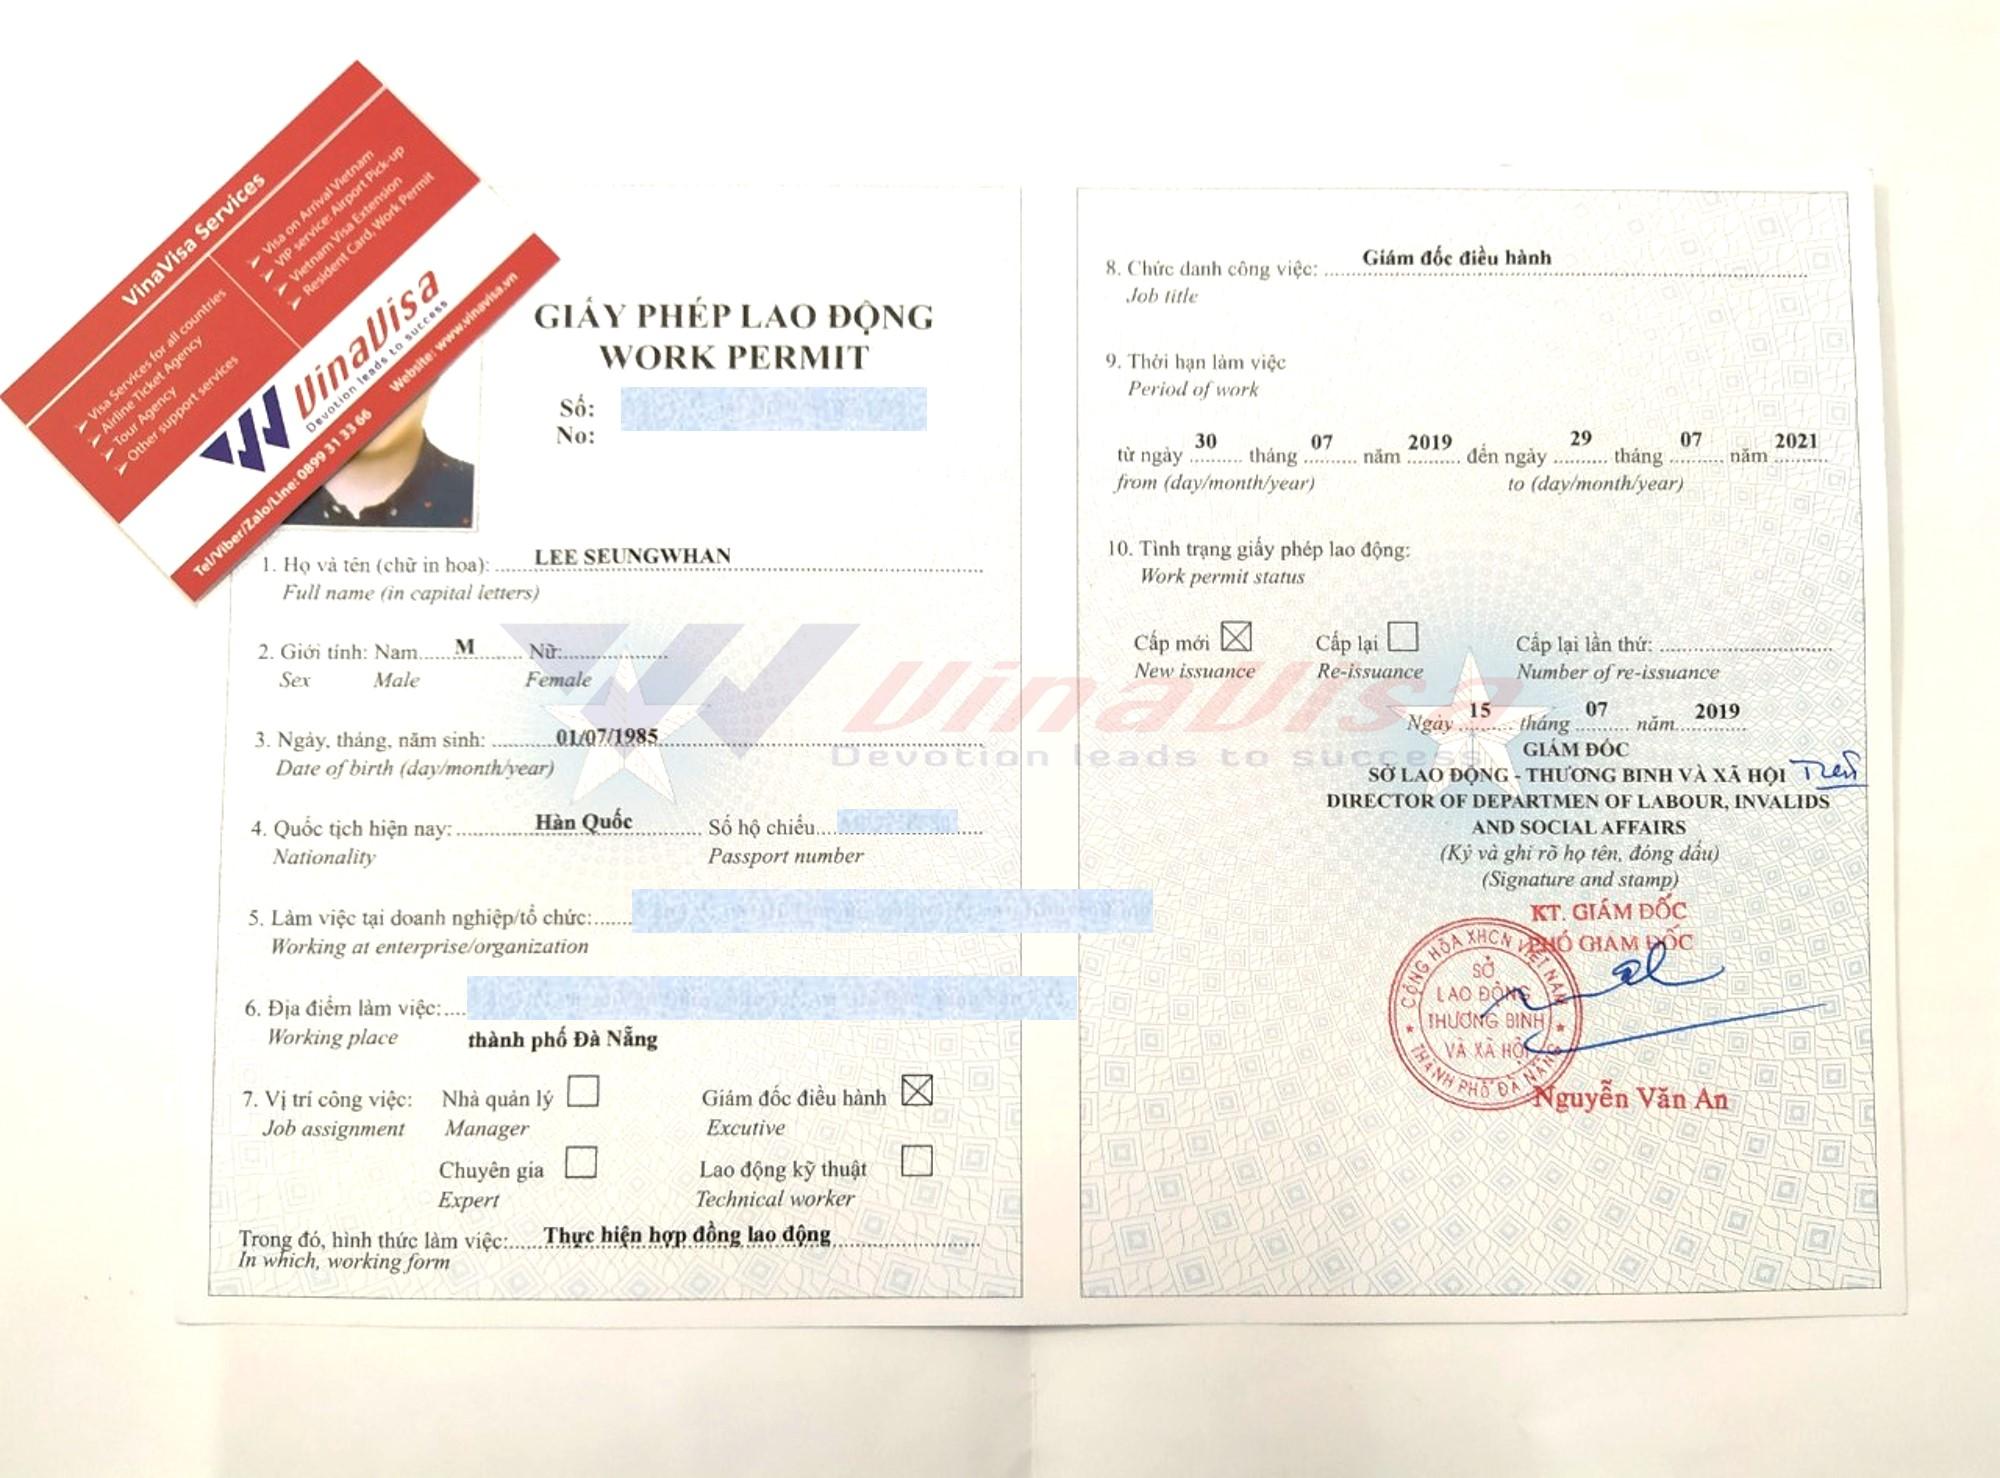 Kết quả giấy phép lao động của người Hàn Quốc